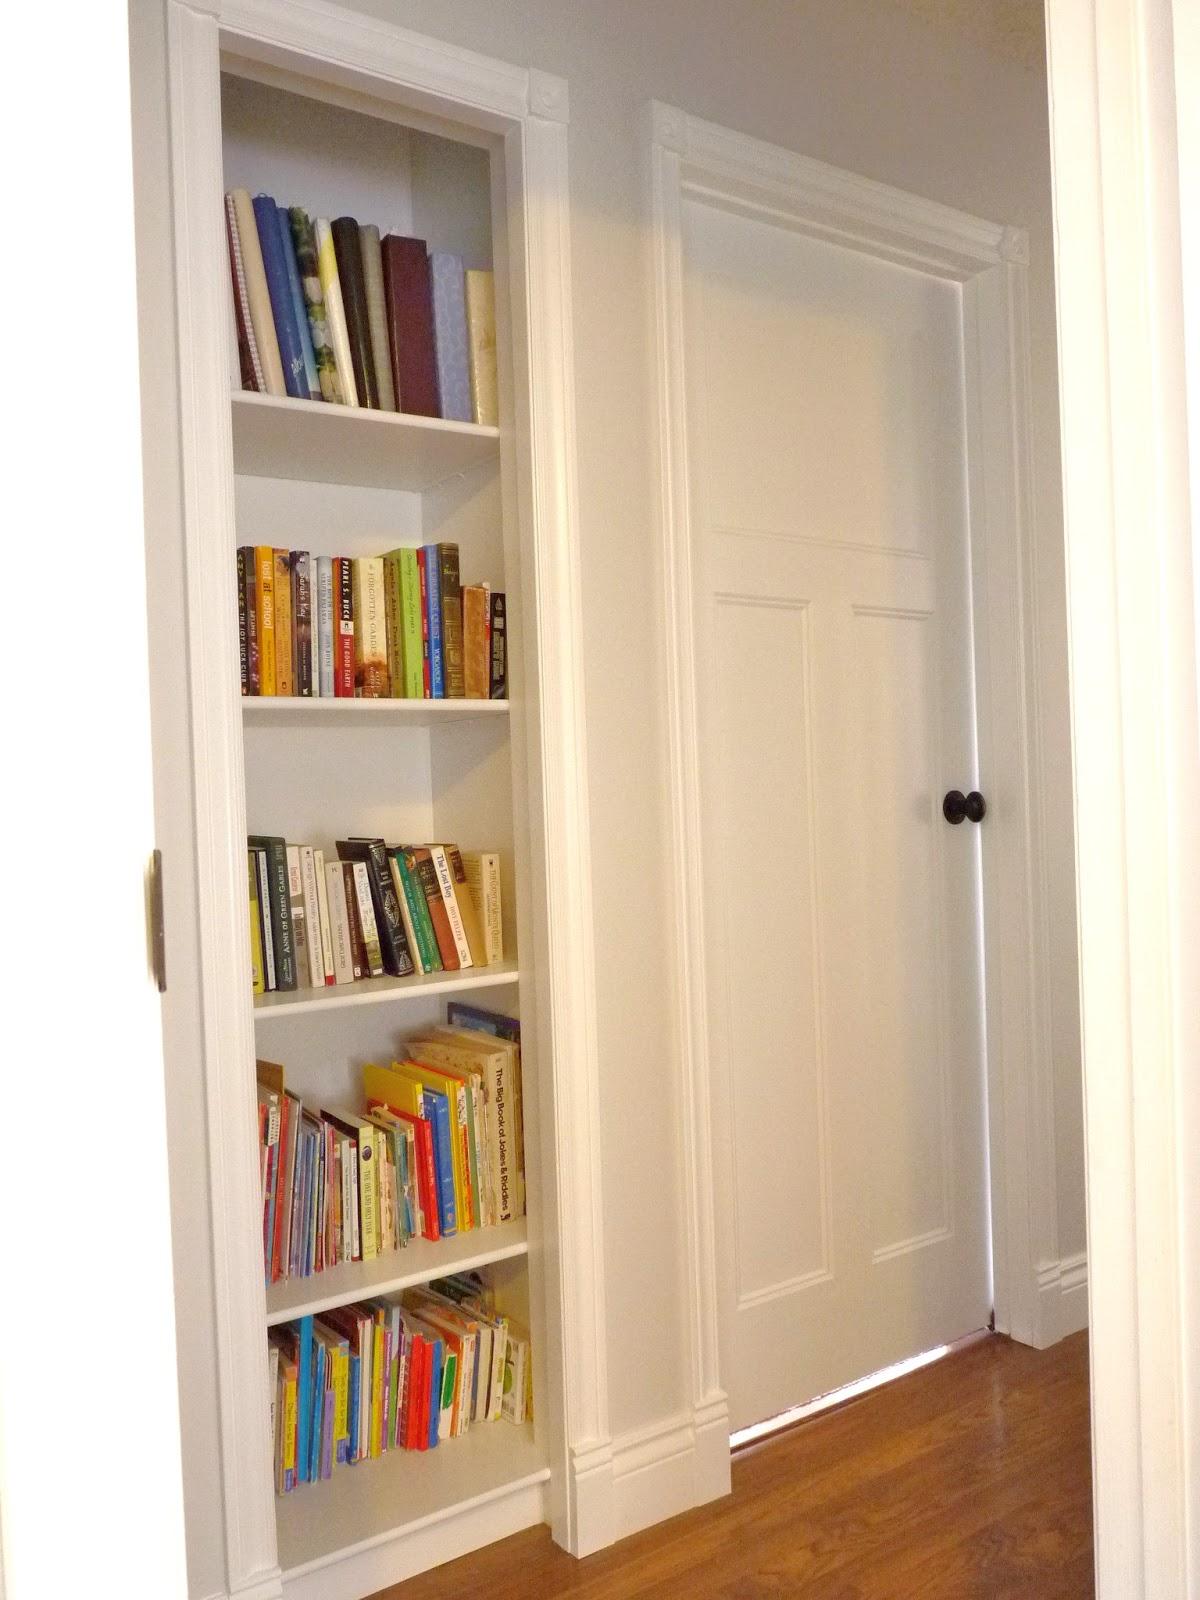 D I Y E S G N Closet Bookshelf